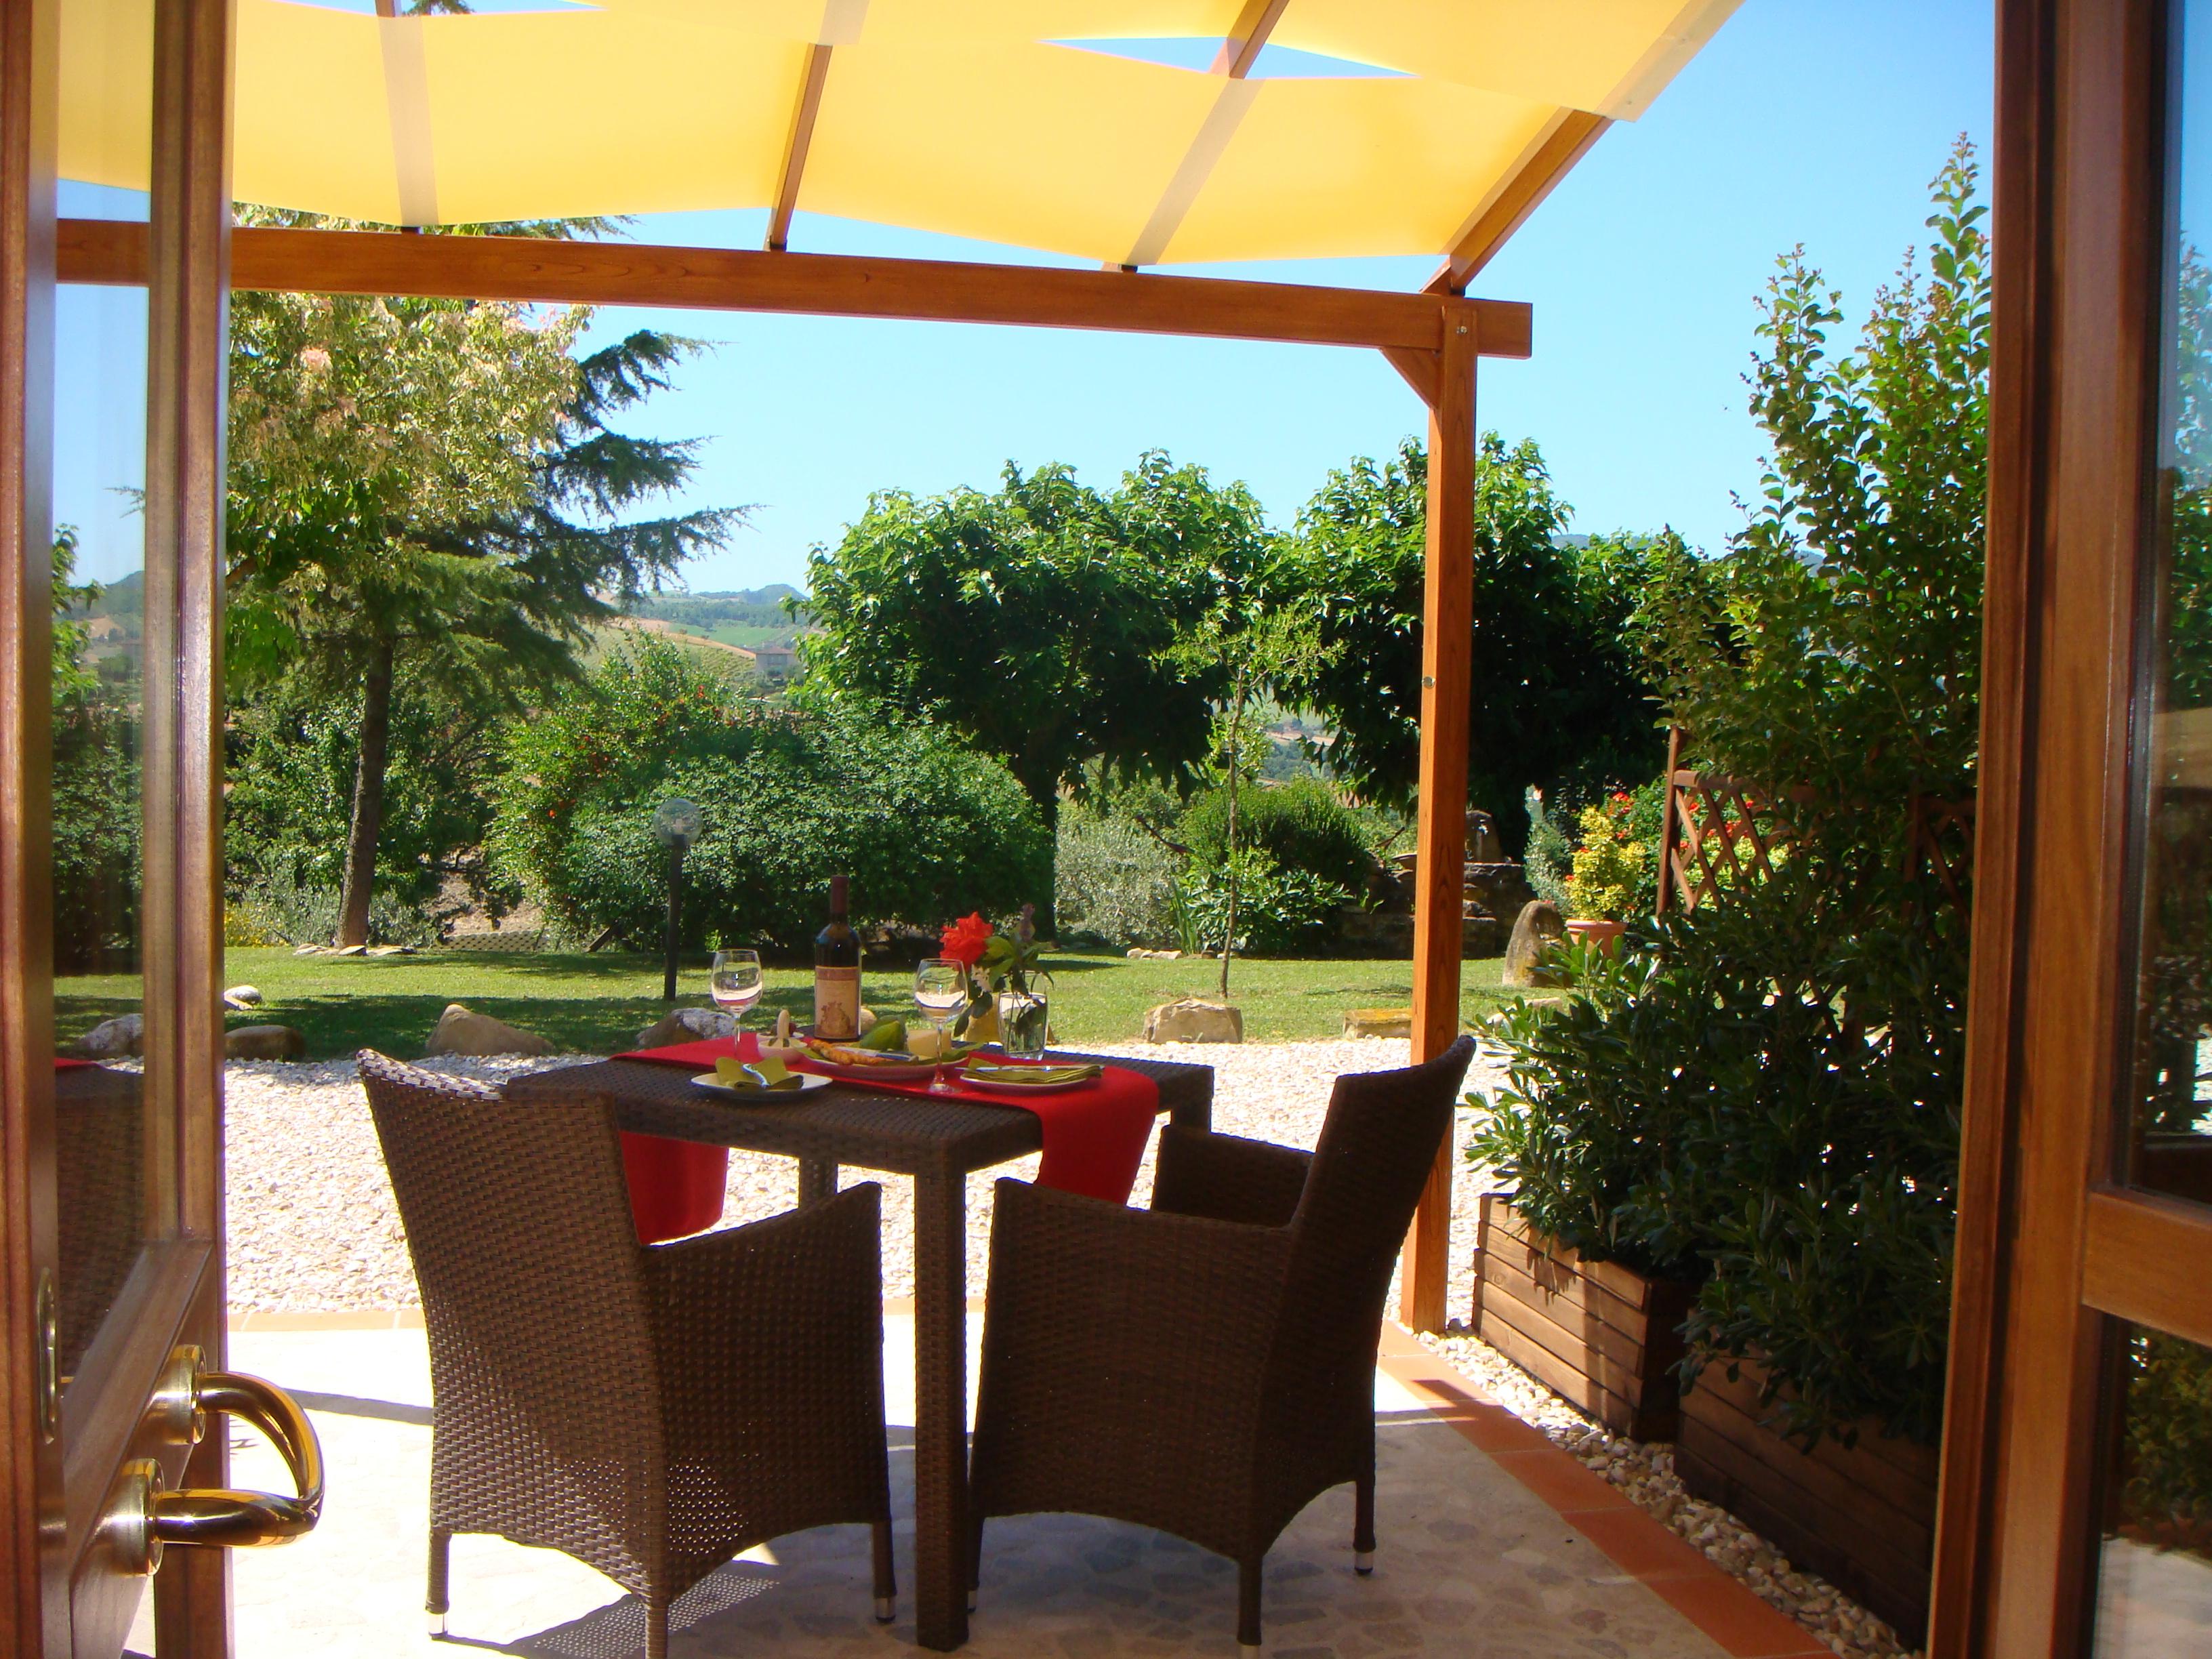 Cardellino, front terrace & pergola